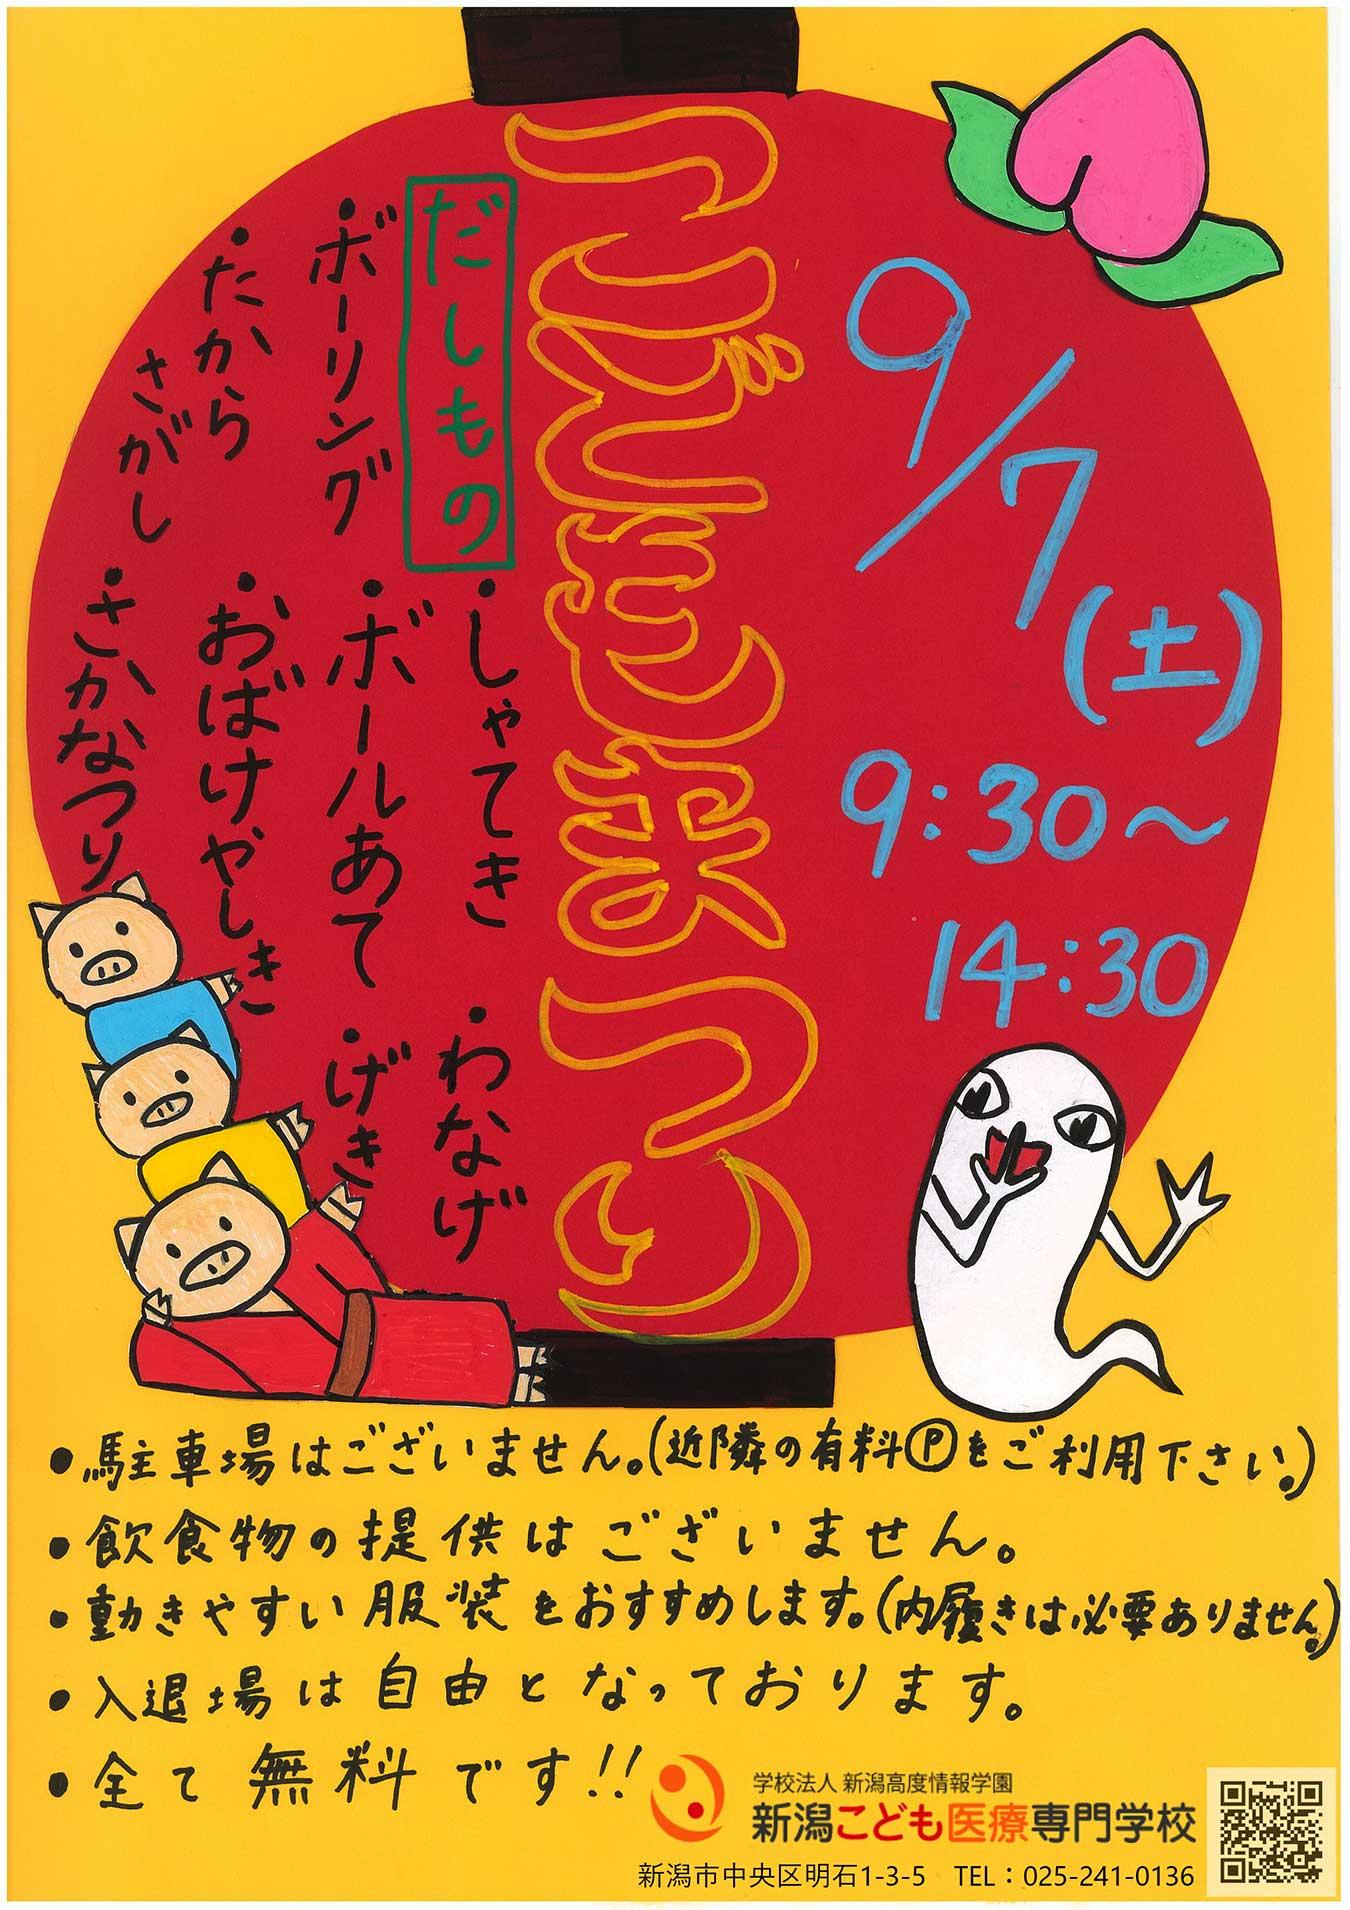 9月7日「こどもまつり」開催!